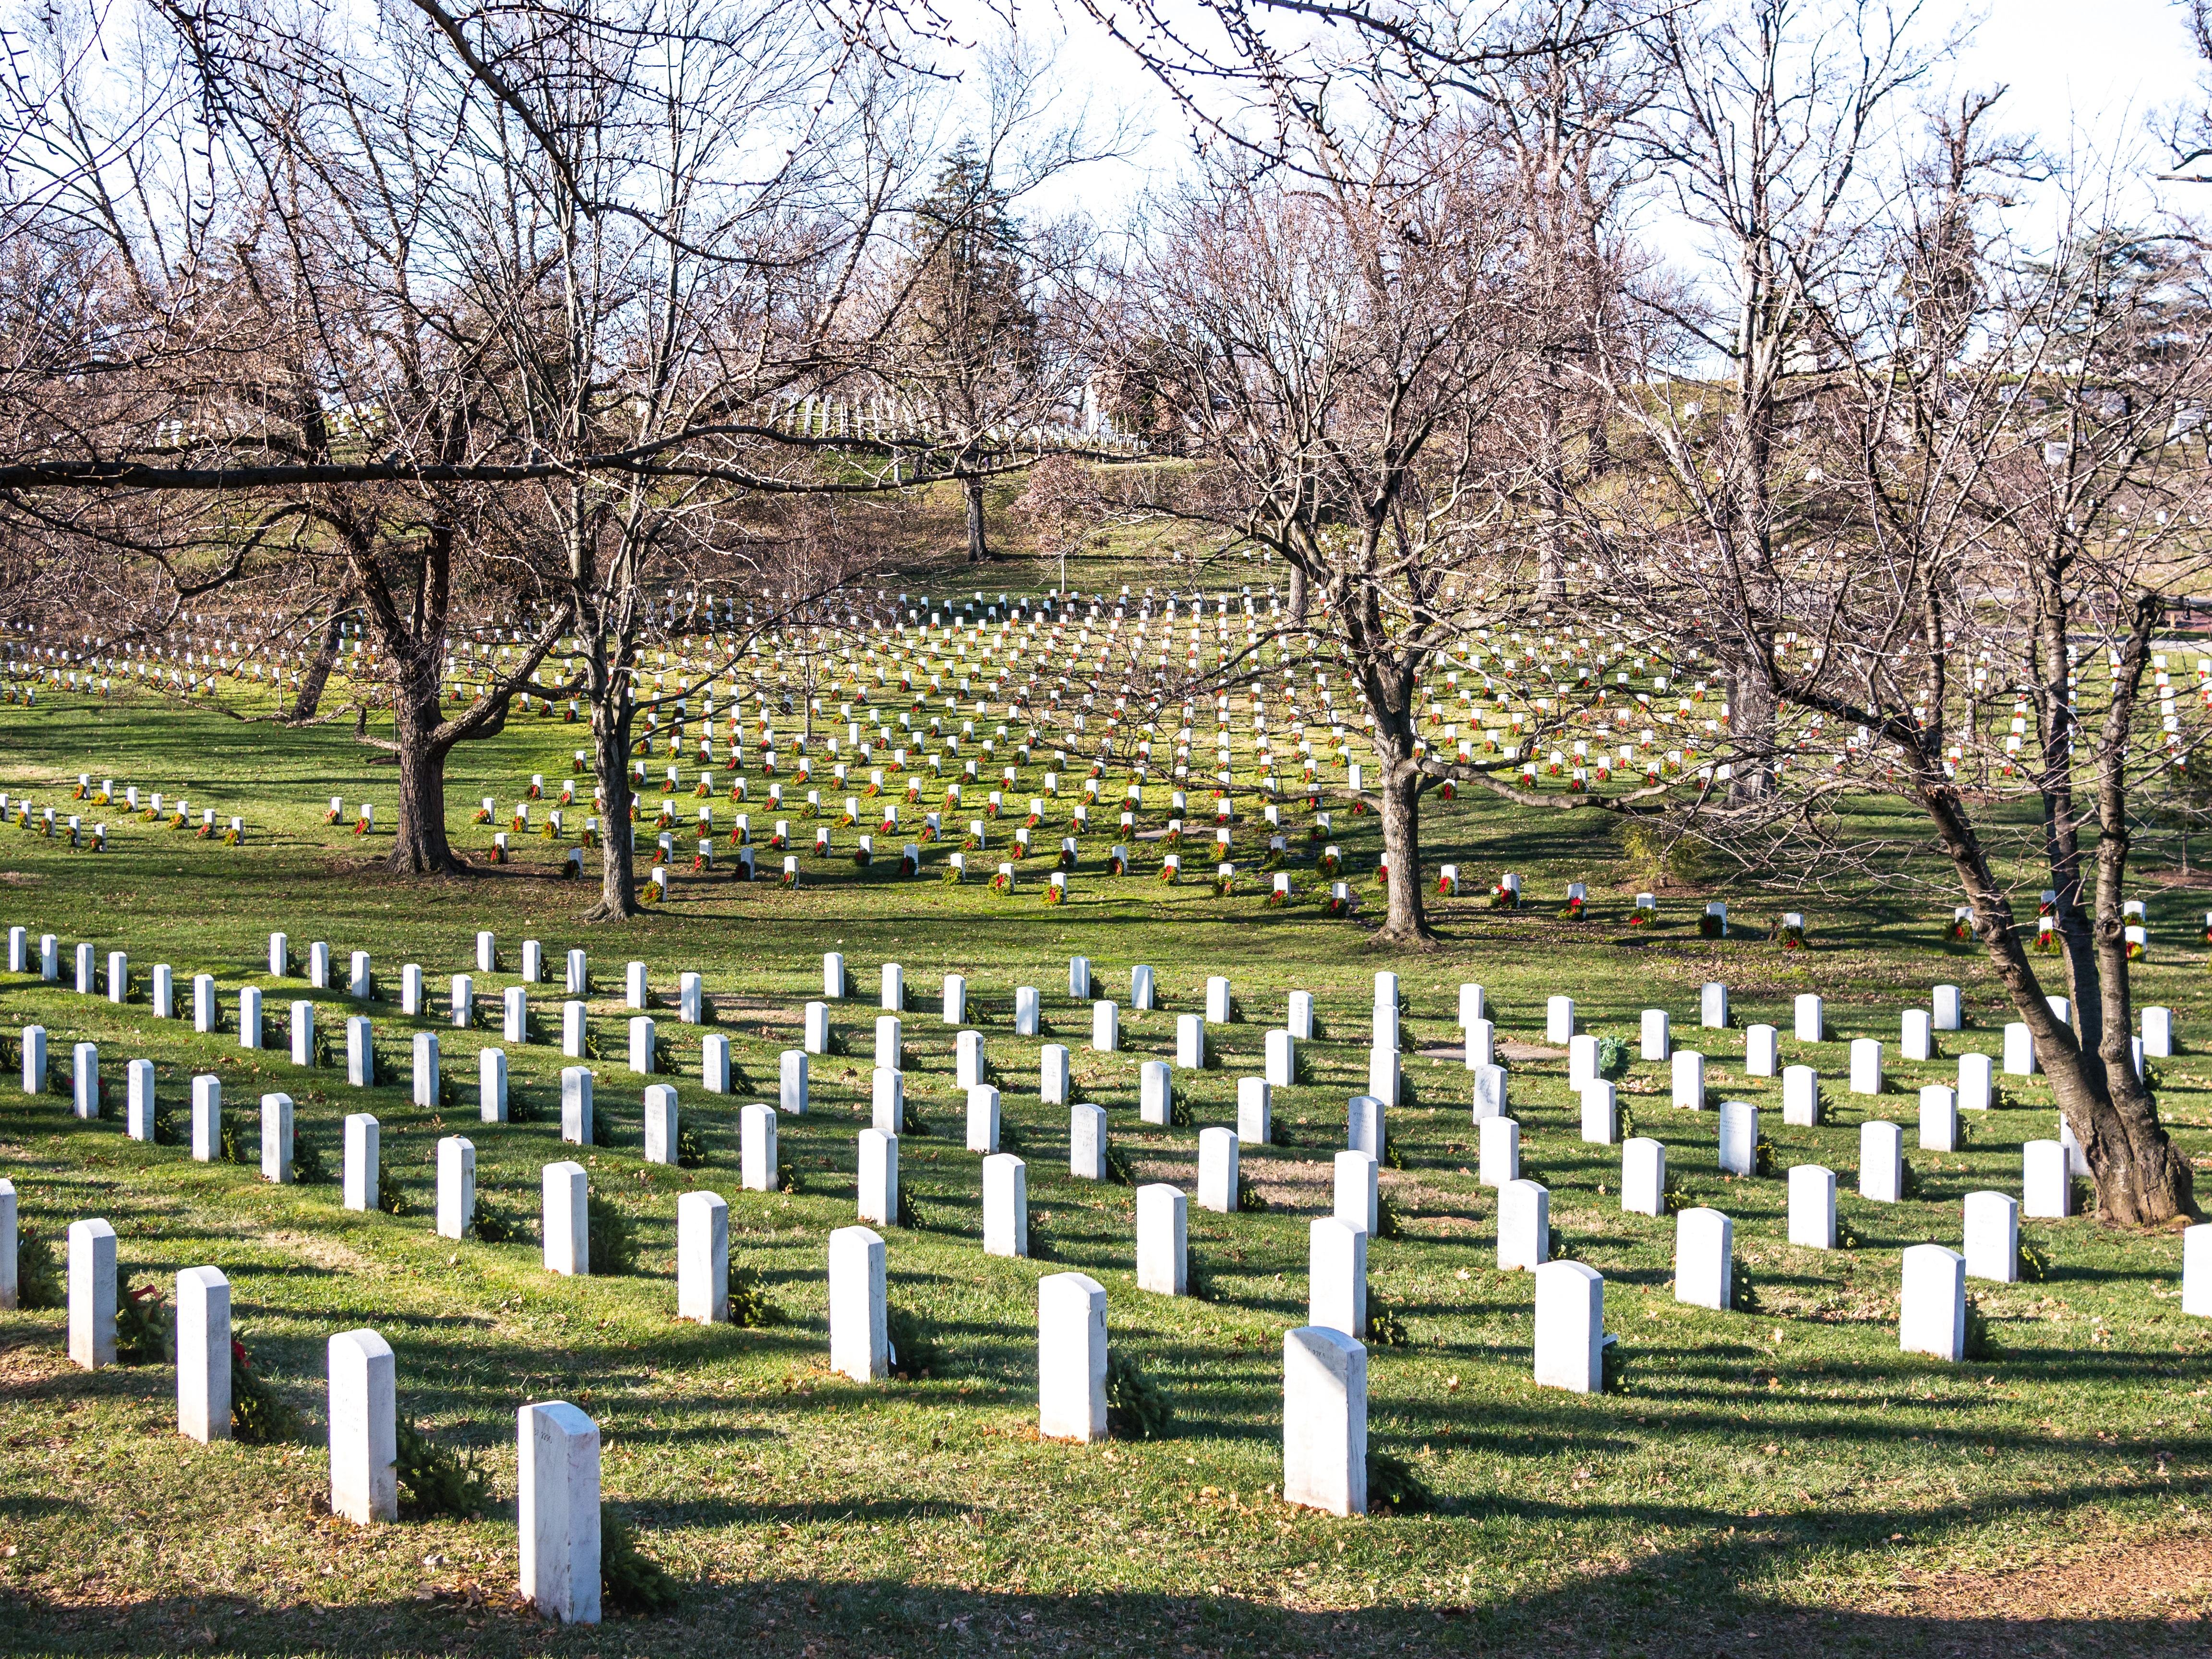 Gravestones of the Cemetery